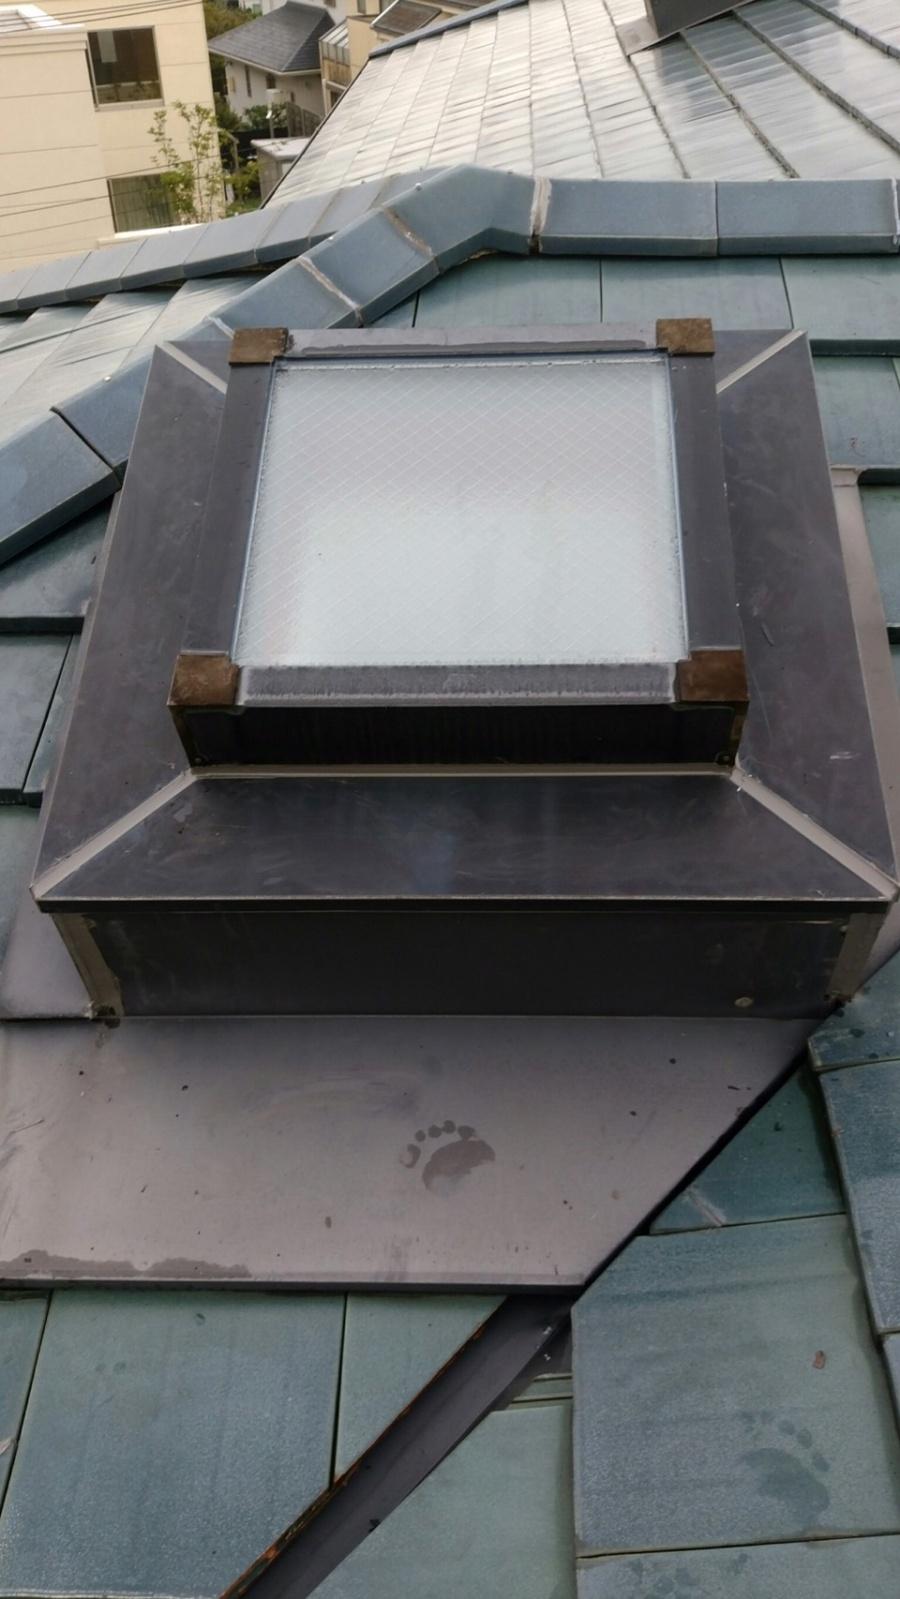 名古屋市名東区で天窓からの雨漏り修理を行いました